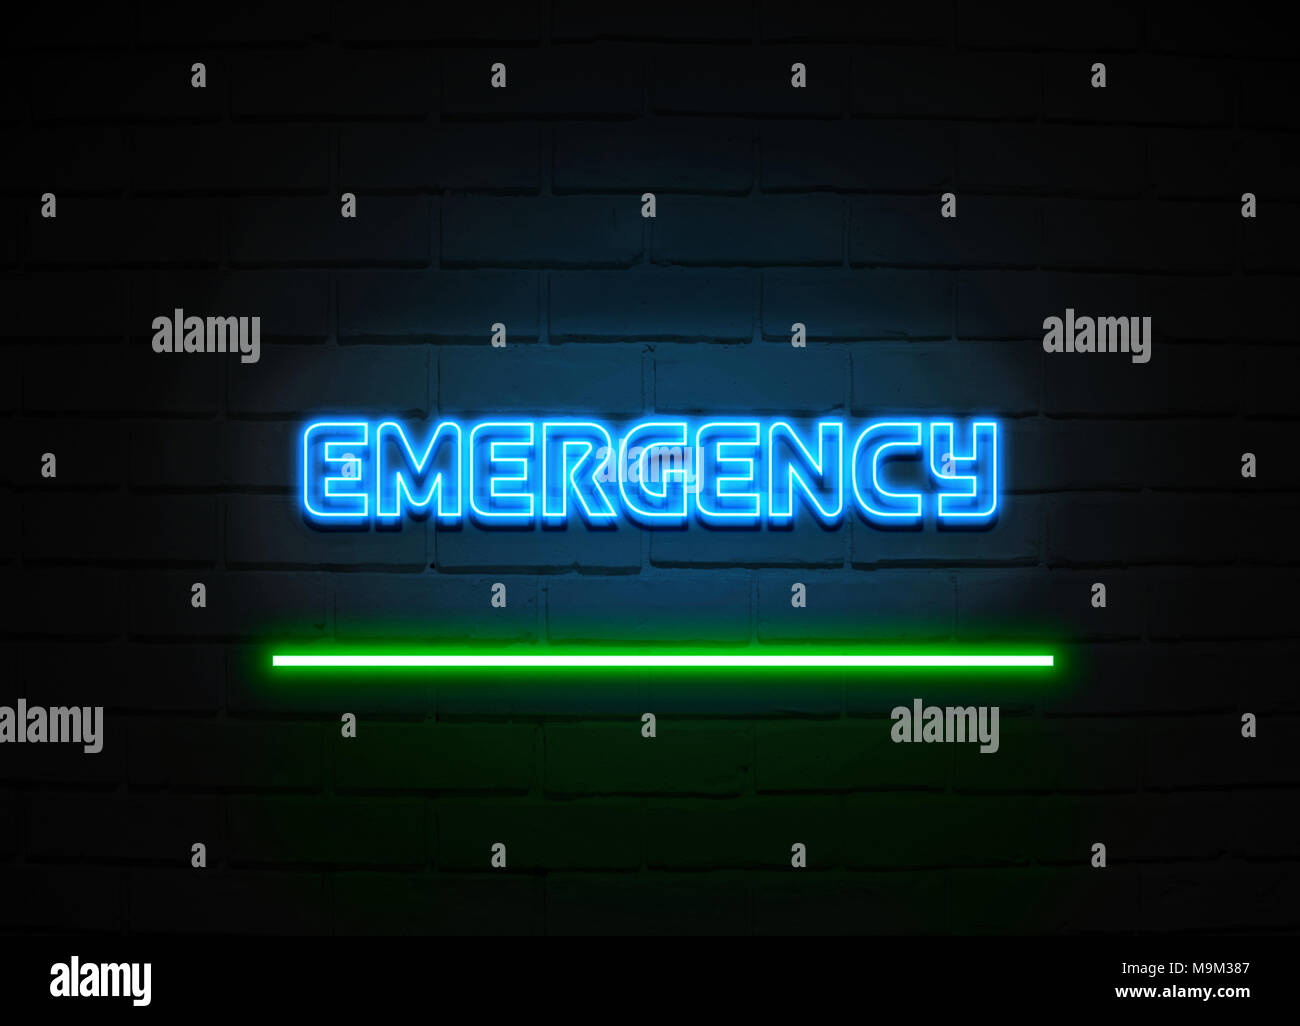 Enseigne au néon d'urgence - Glowing Neon Sign sur mur brickwall - rendu 3D illustration libres de droits. Banque D'Images